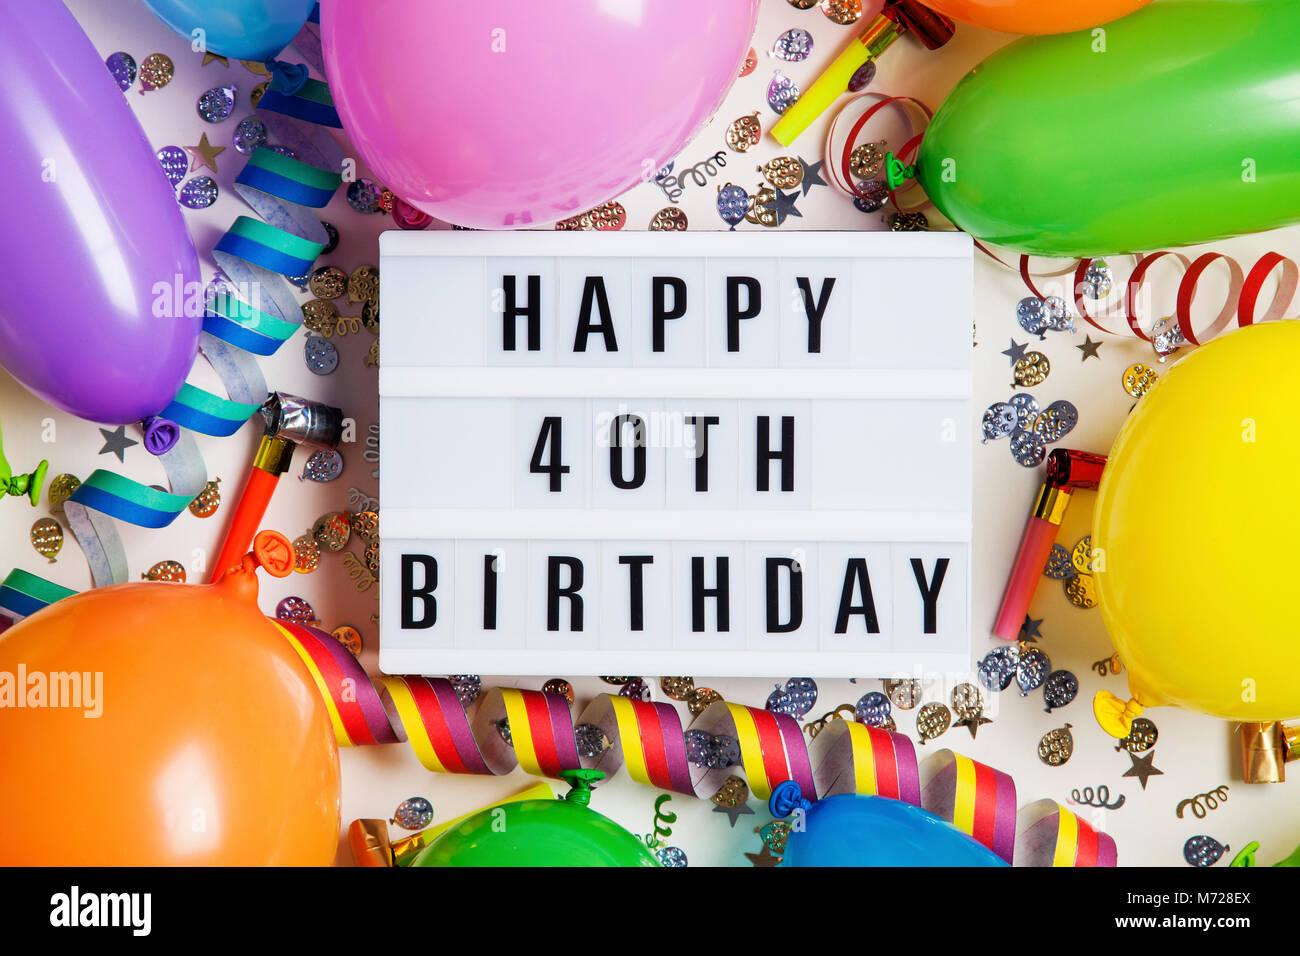 Happy 40th Birthday Celebration Nachricht Auf Ein Leuchtpult Mit Ballons Und Konfetti Stockbild